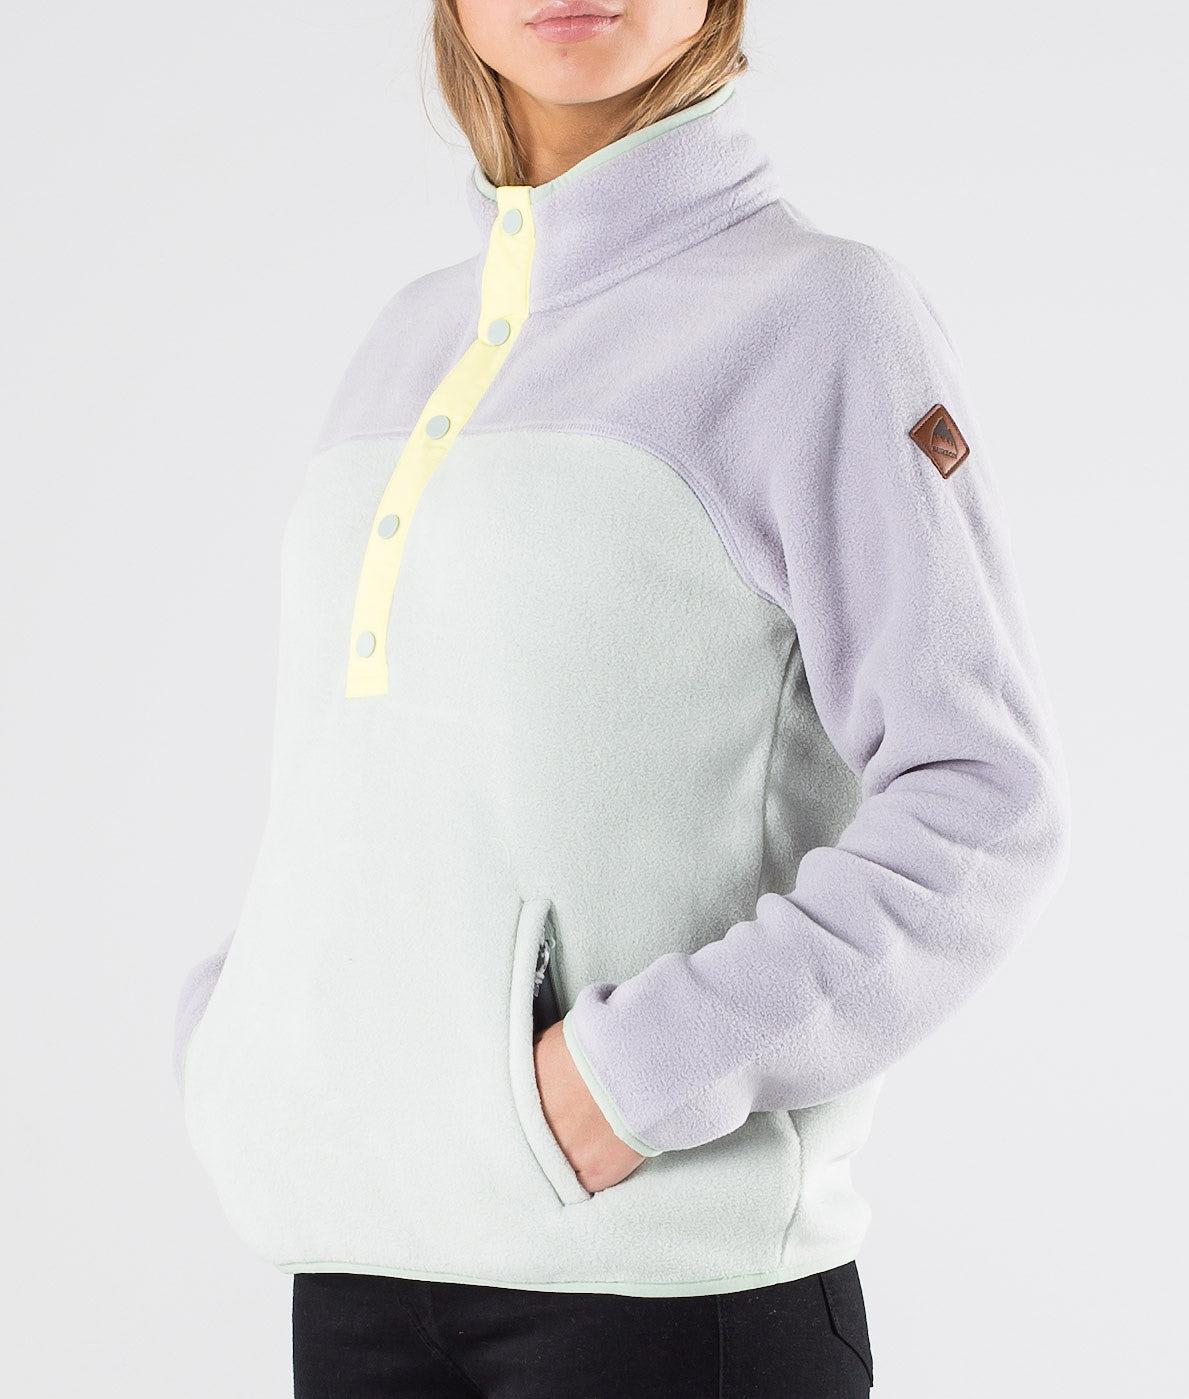 Burton Hearth Fleece Tröja Lilac/Aquagr